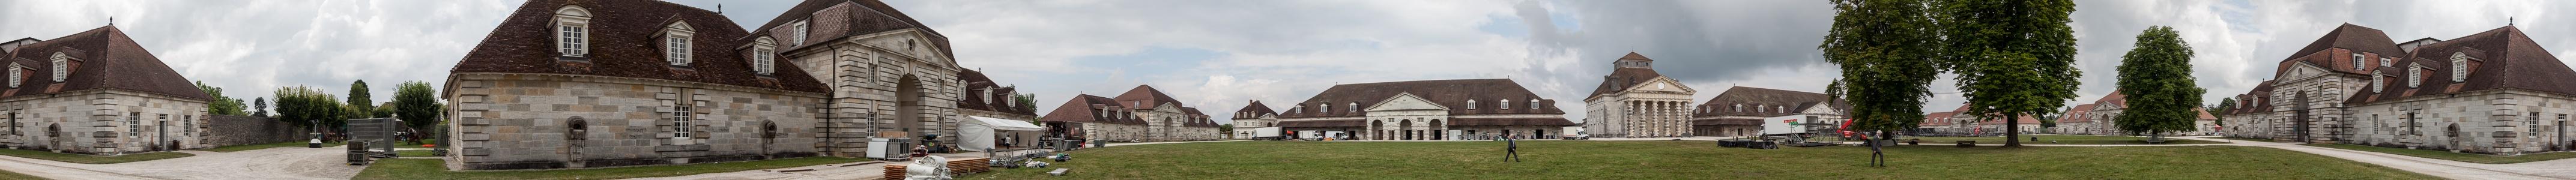 Saline Royale d'Arc-et-Senans (Königliche Saline): David Gilmour Arc-et-Senans Saline Royale d'Arc-et-Senans